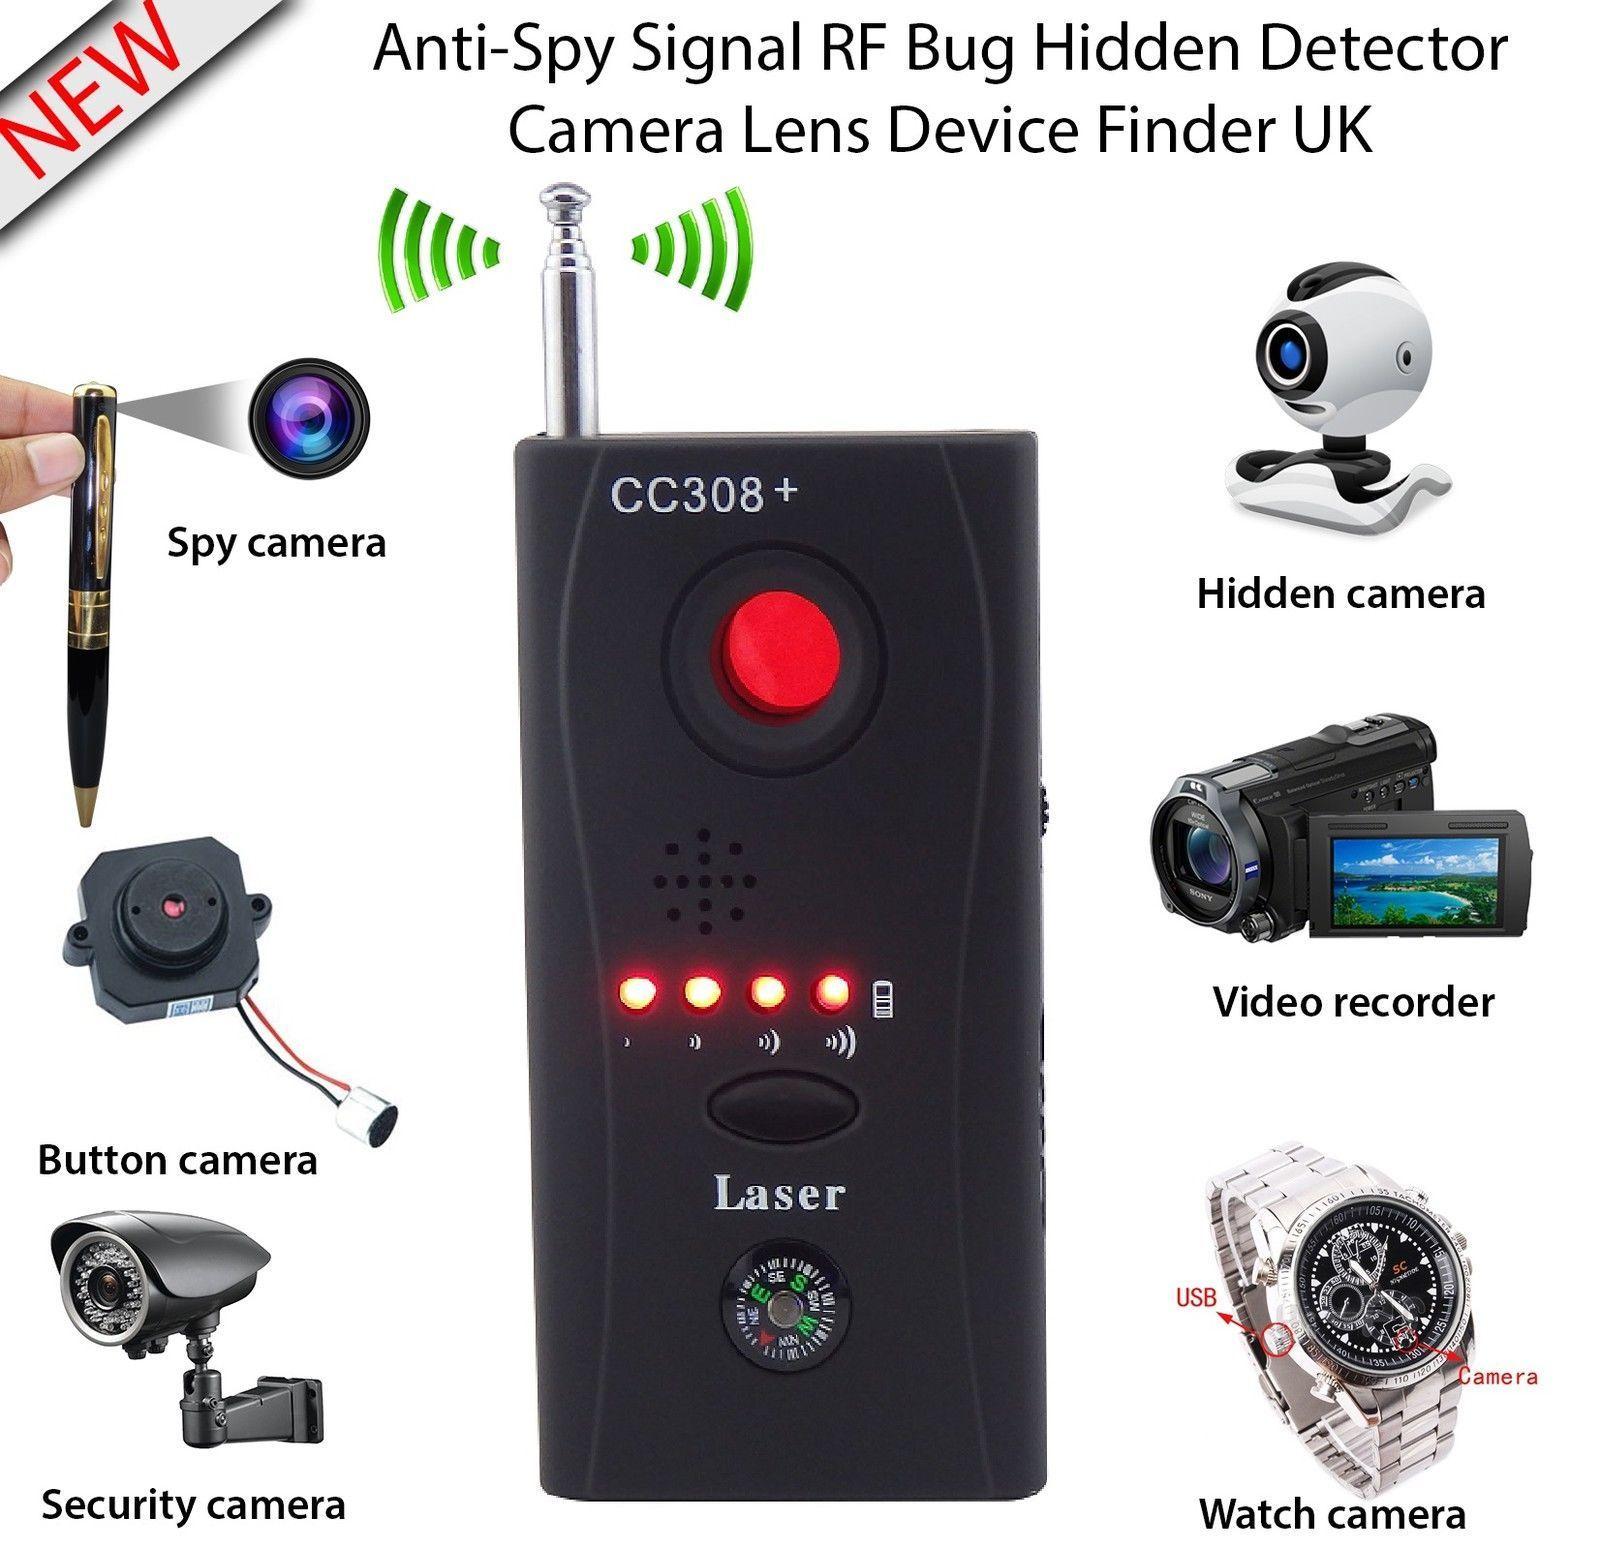 Caméra cachée GSM détecteur de bogue Audio Anti-espion détecteur de Signal GPS lentille RF Tracker